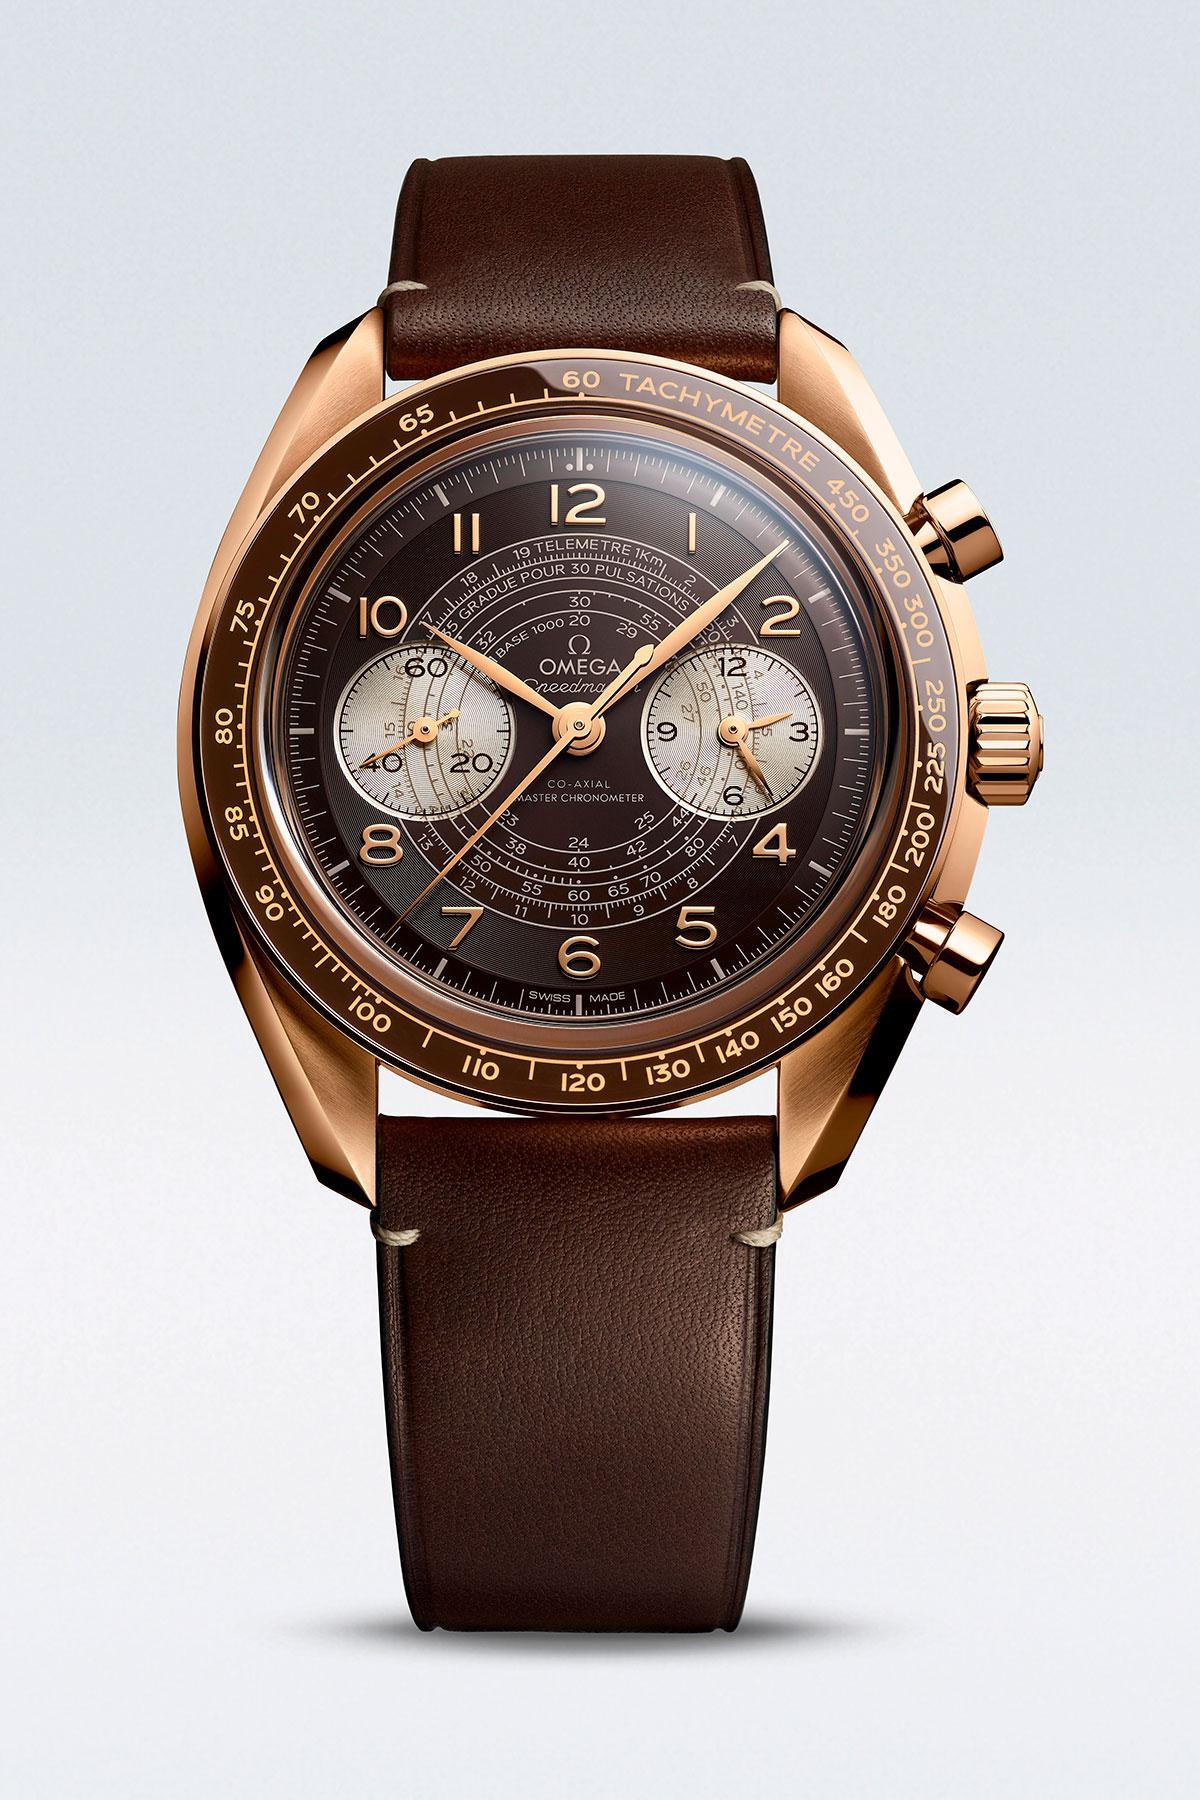 Omega Speedmaster Chronoscope en oro bronce